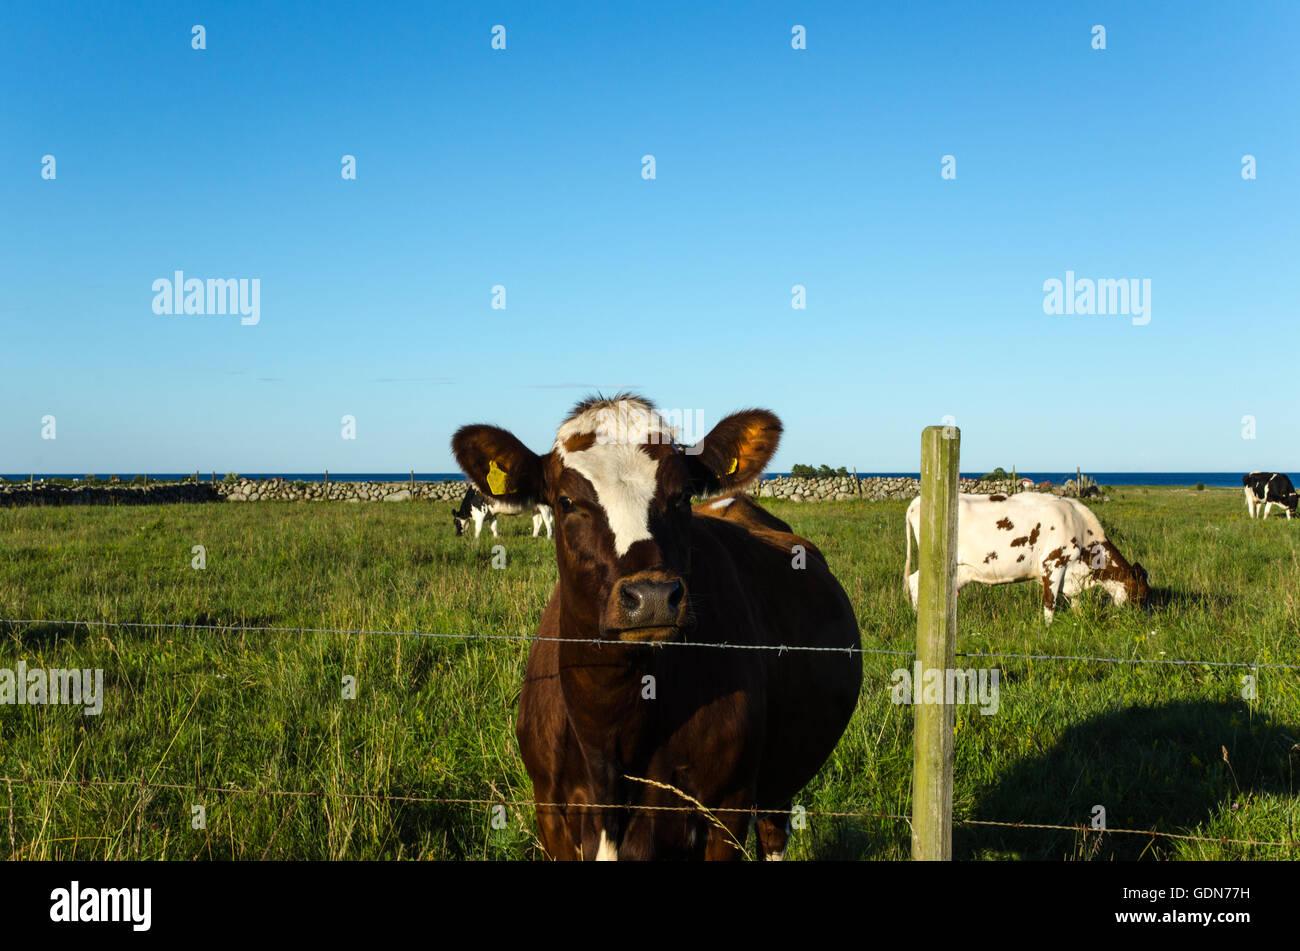 Curieux à la vache derrière un grillage de fil de fer barbelé dans un pâturage vert Photo Stock